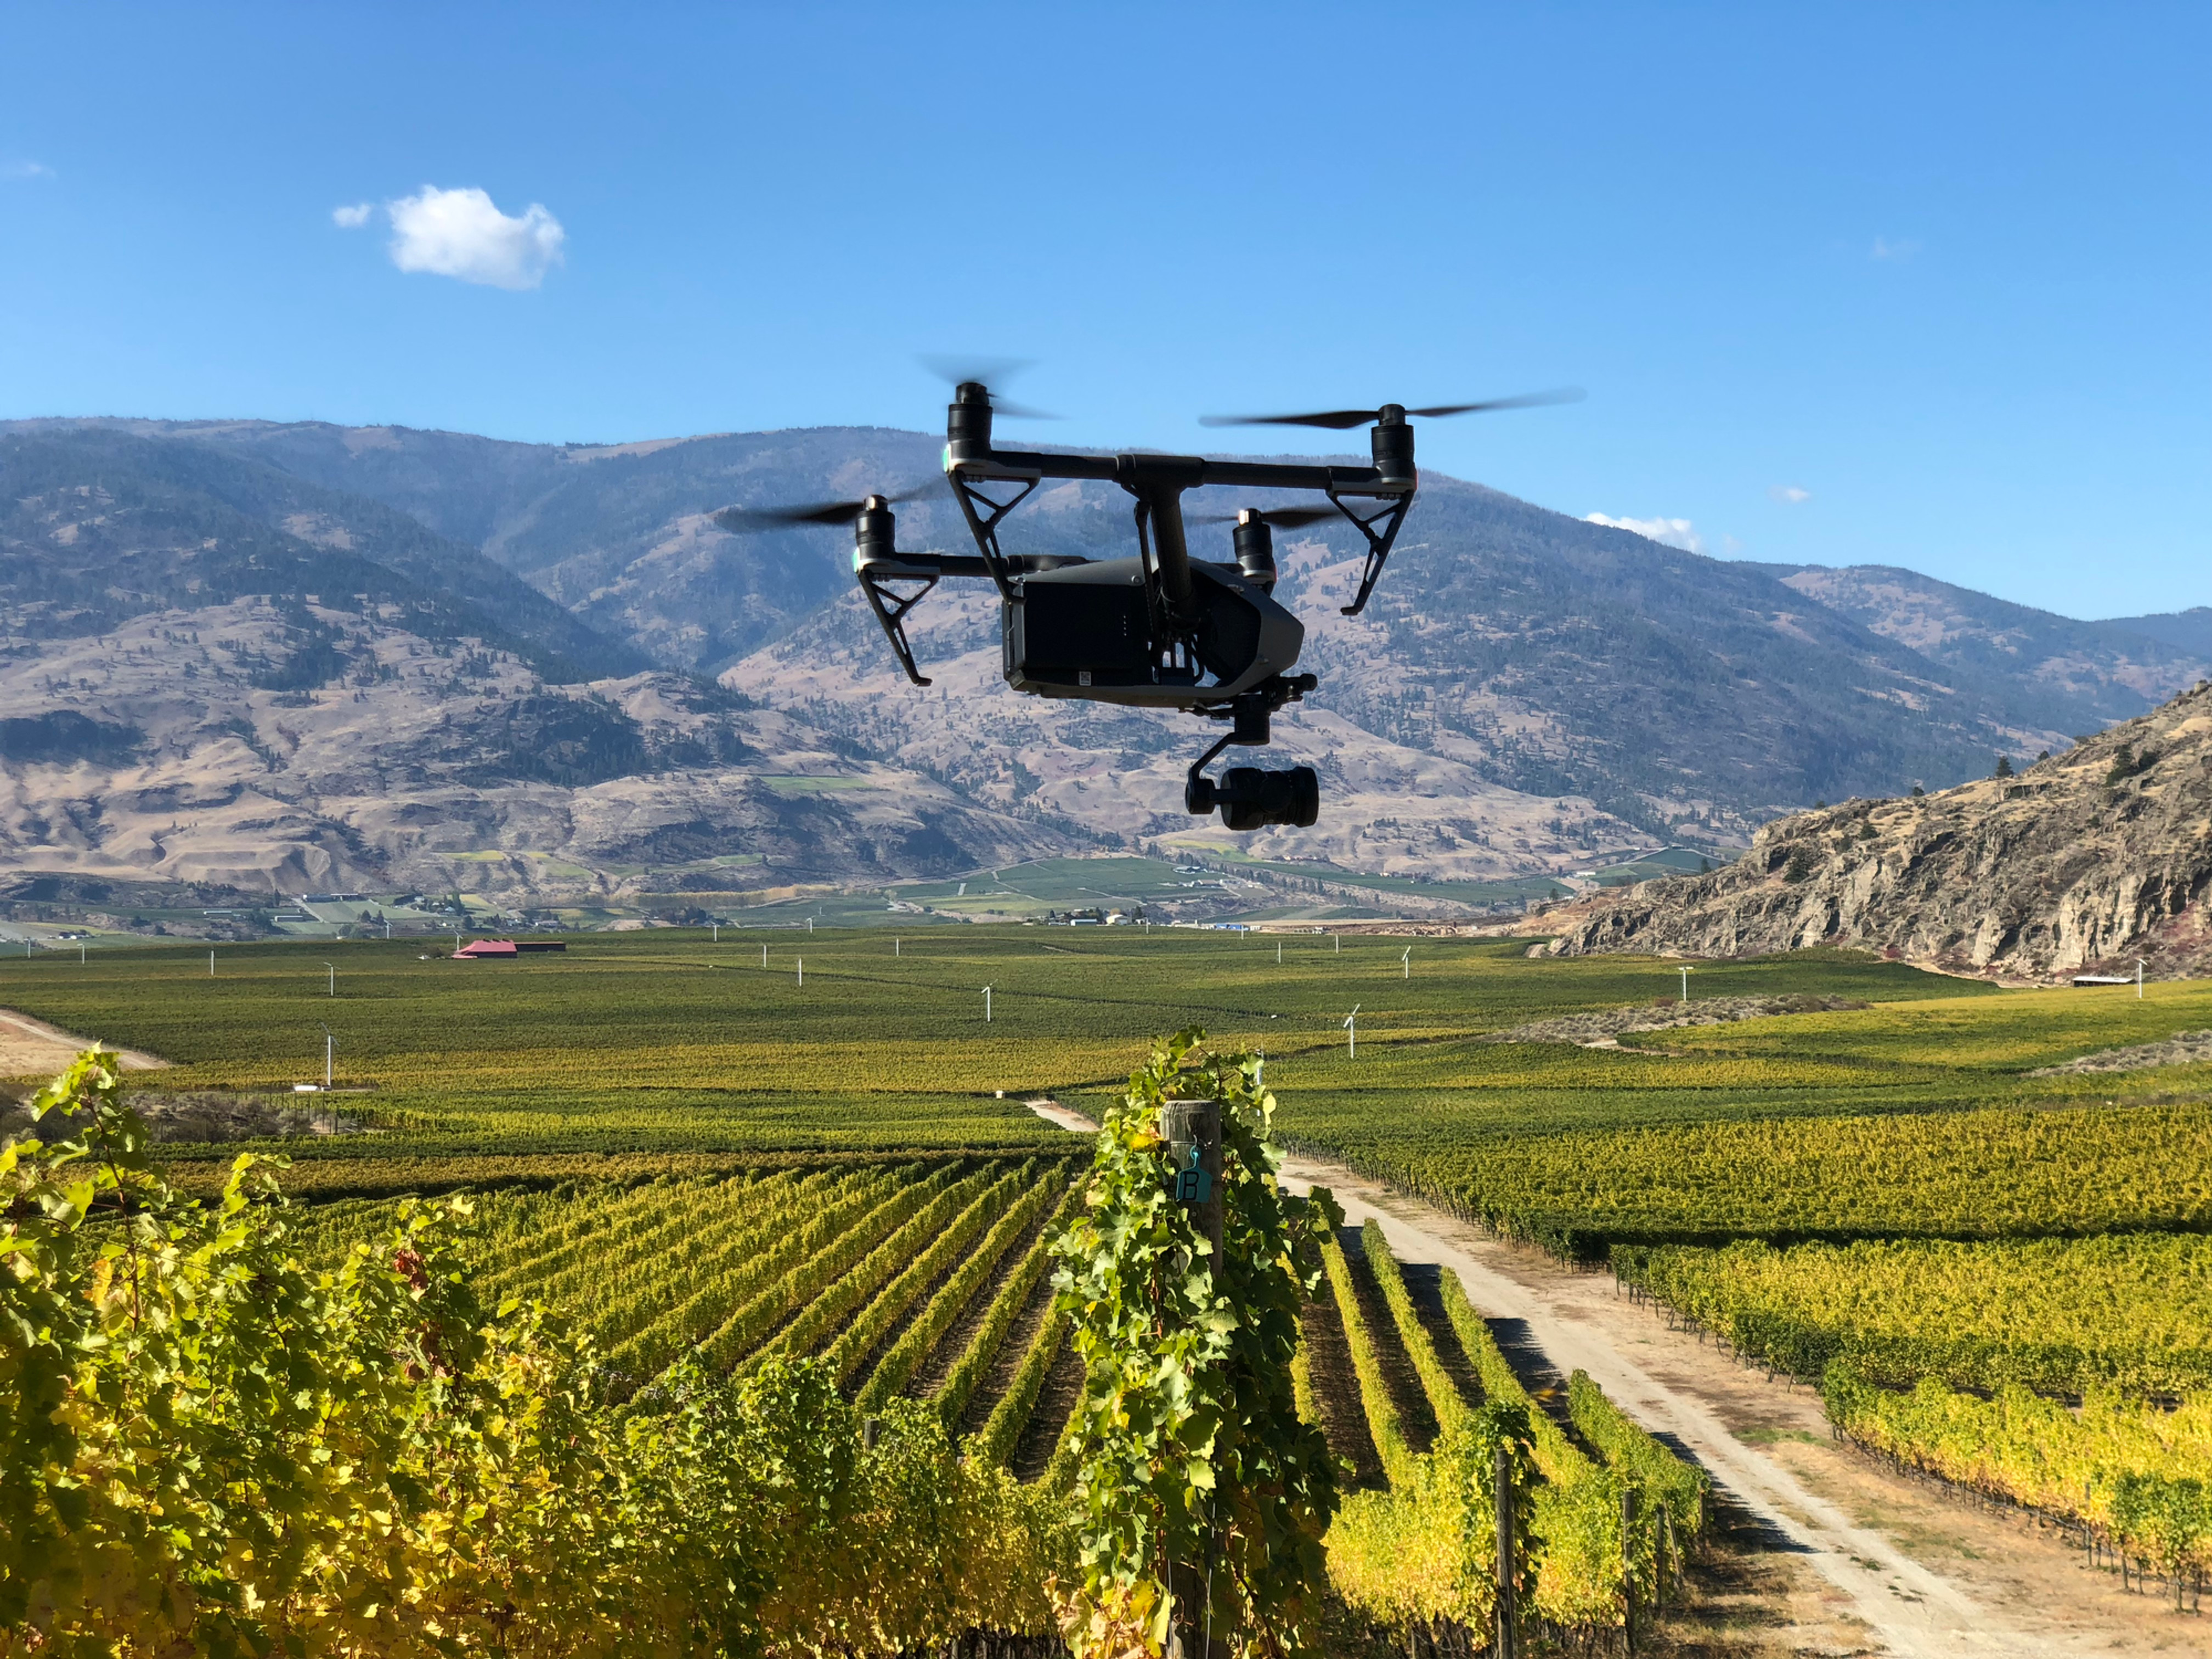 Uav/Drone Services